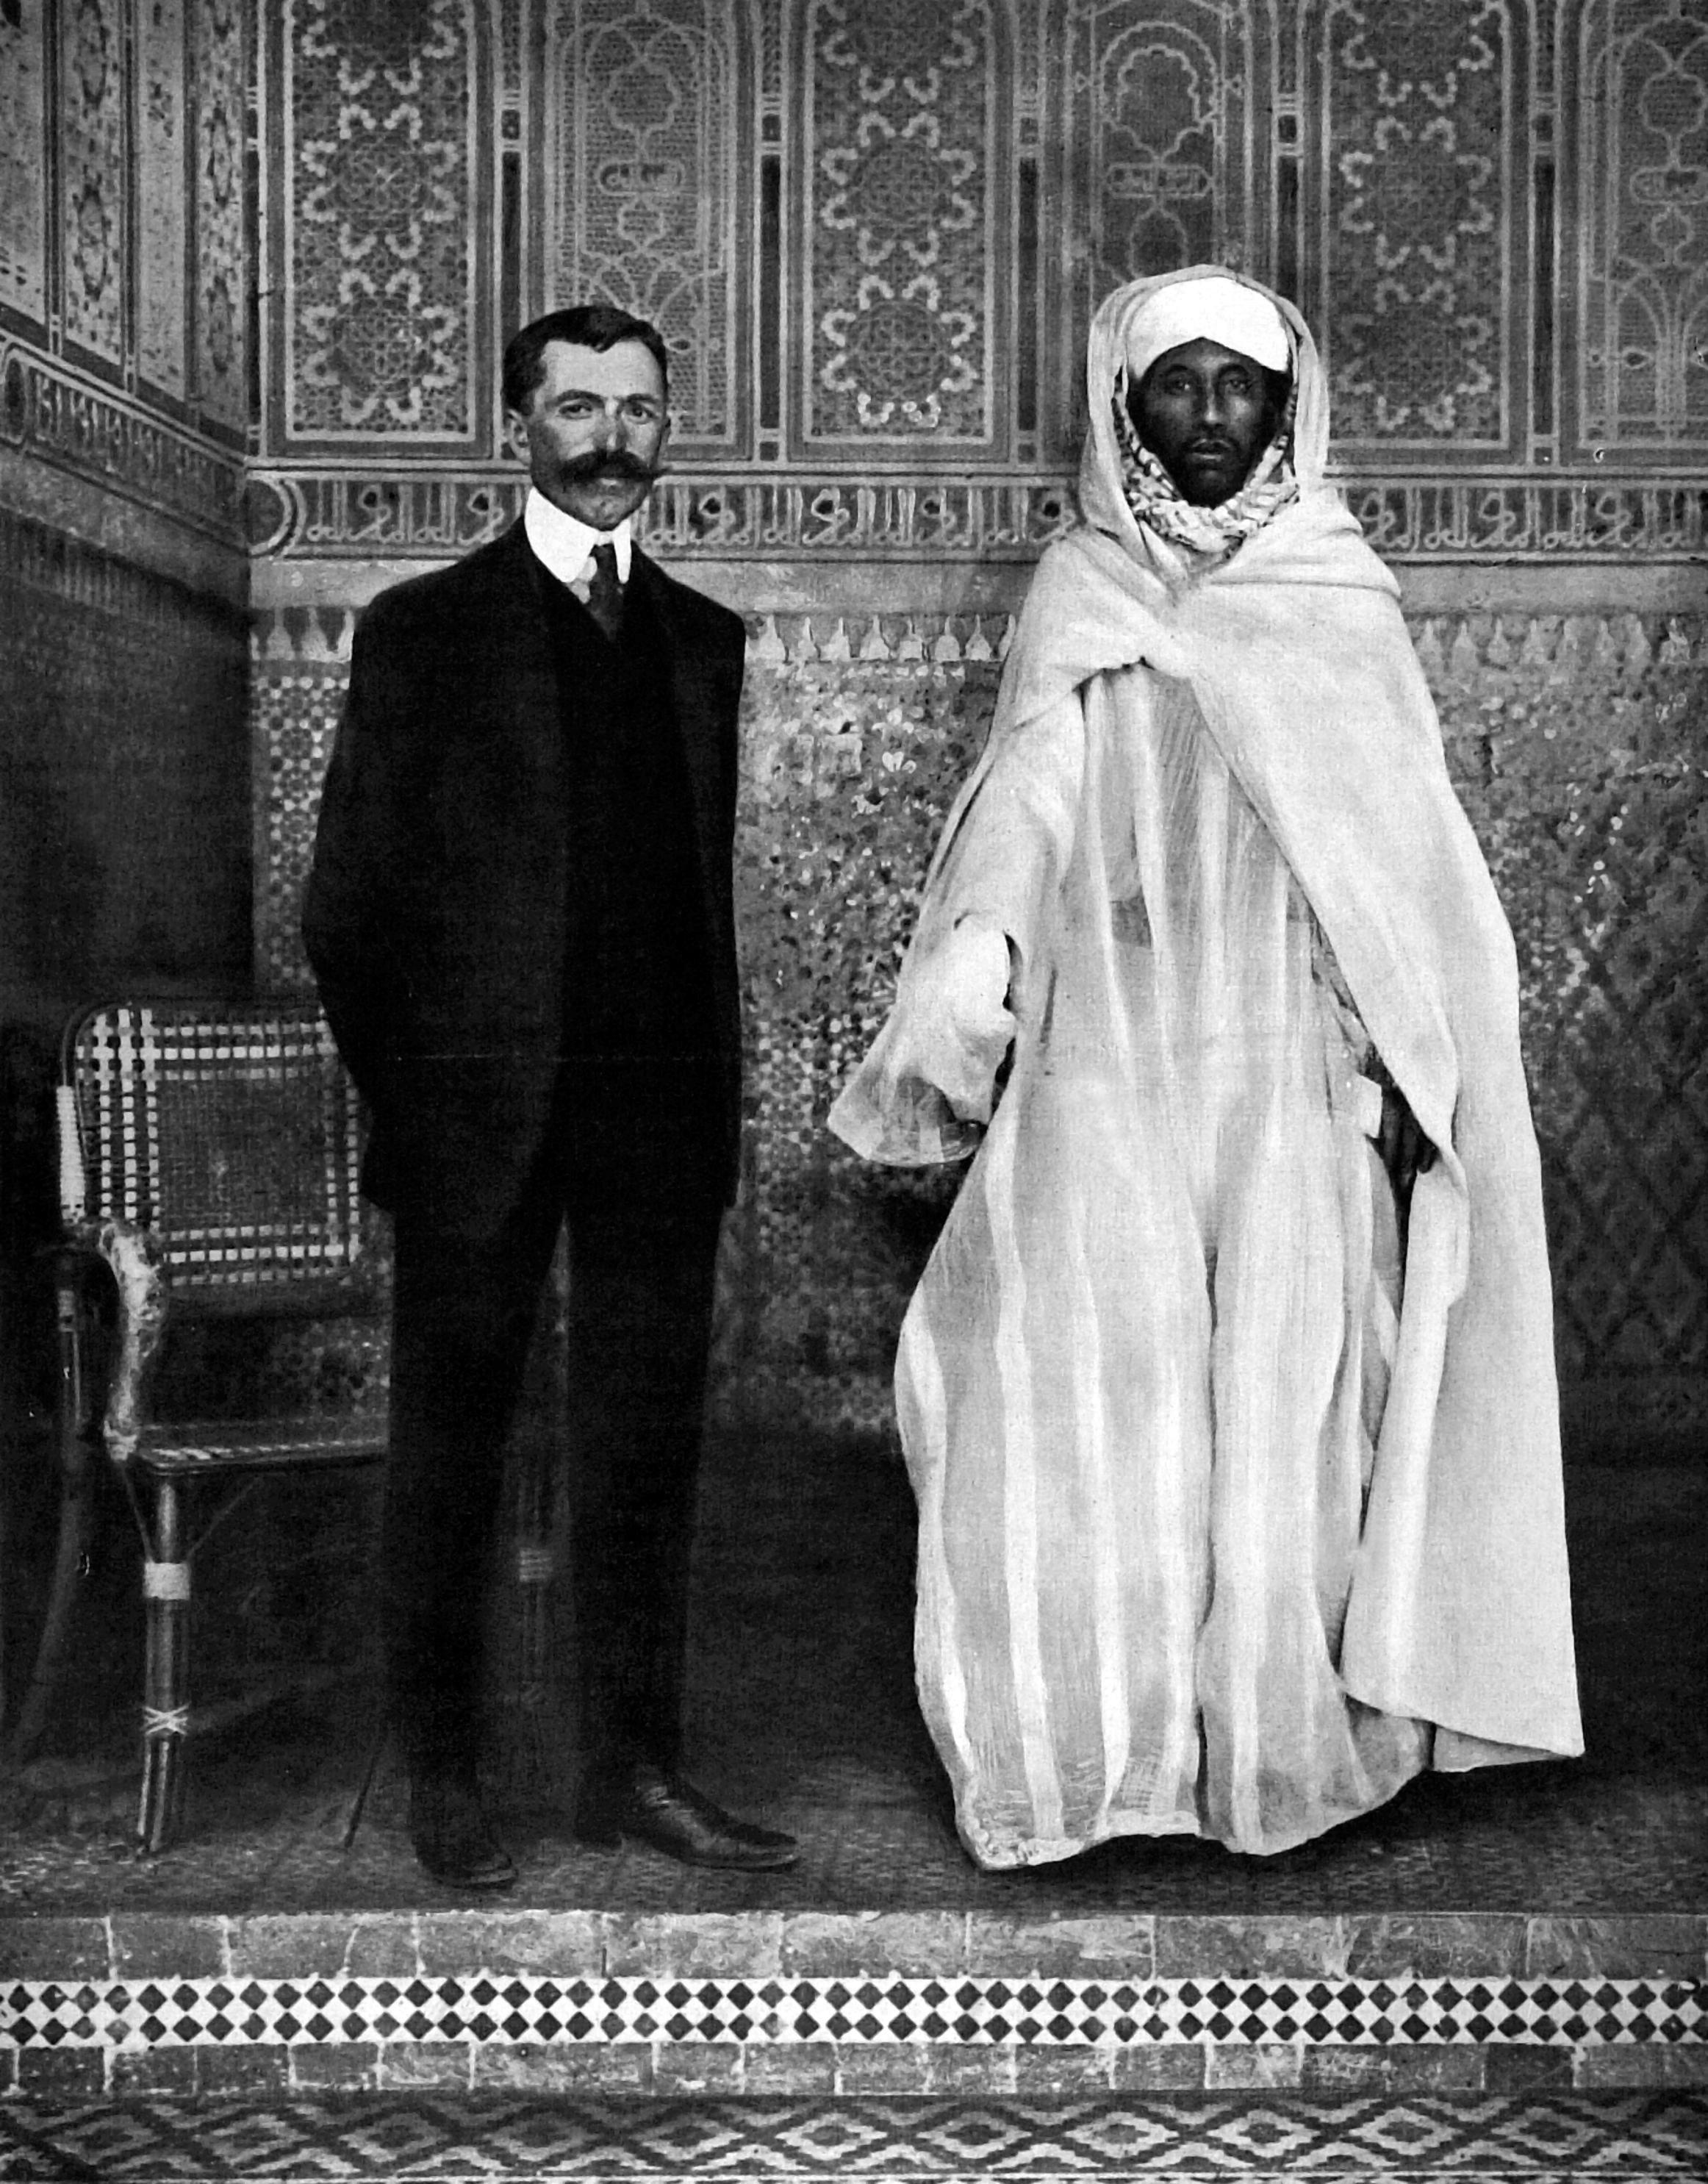 التهامي الكلاوي مع ميغريه القنصل الفرنسي في مراكش عام 2012